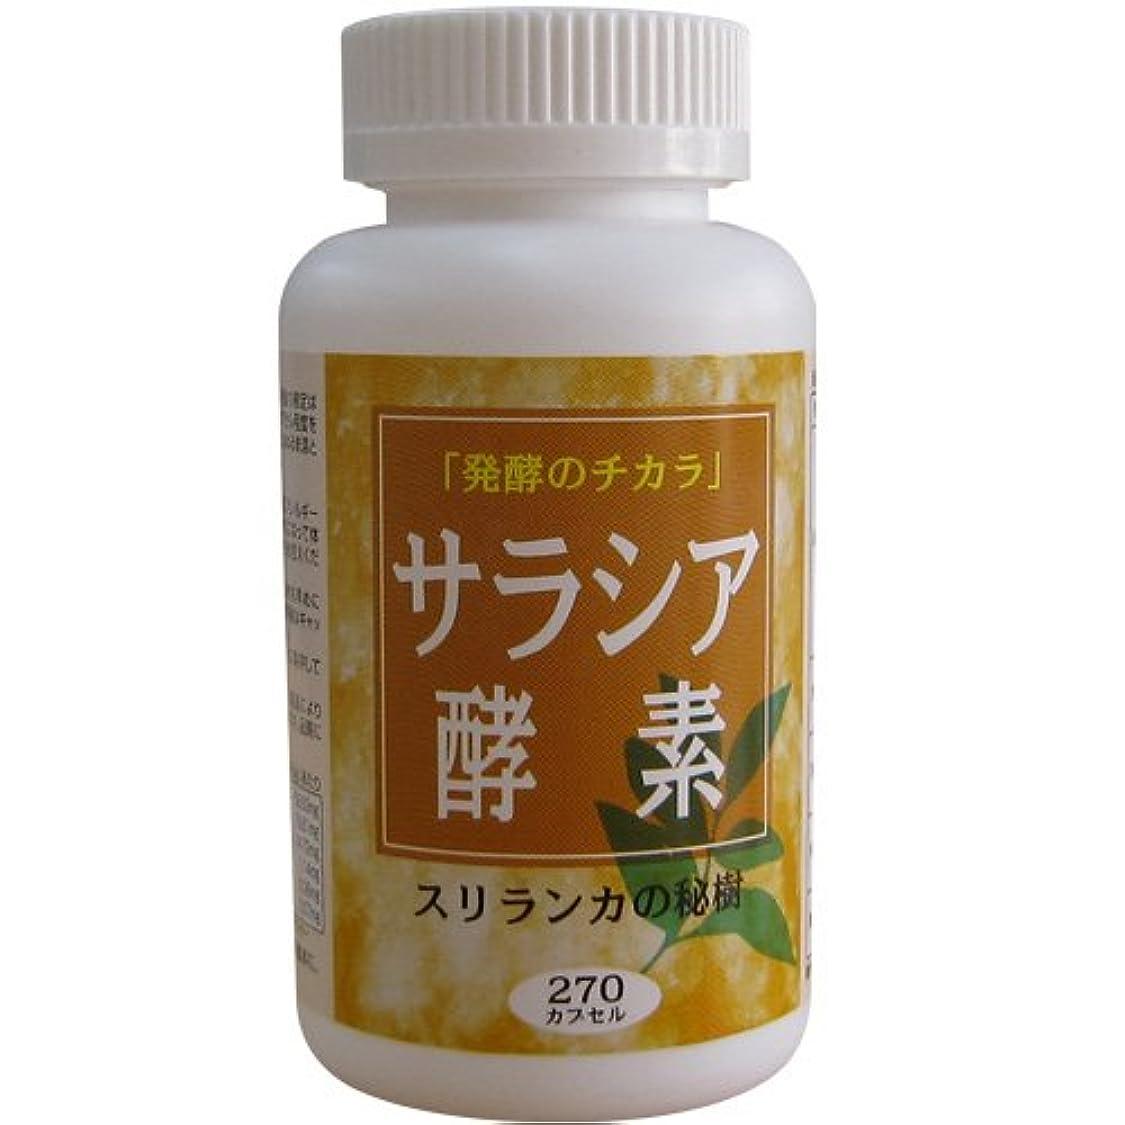 サラシア酵素